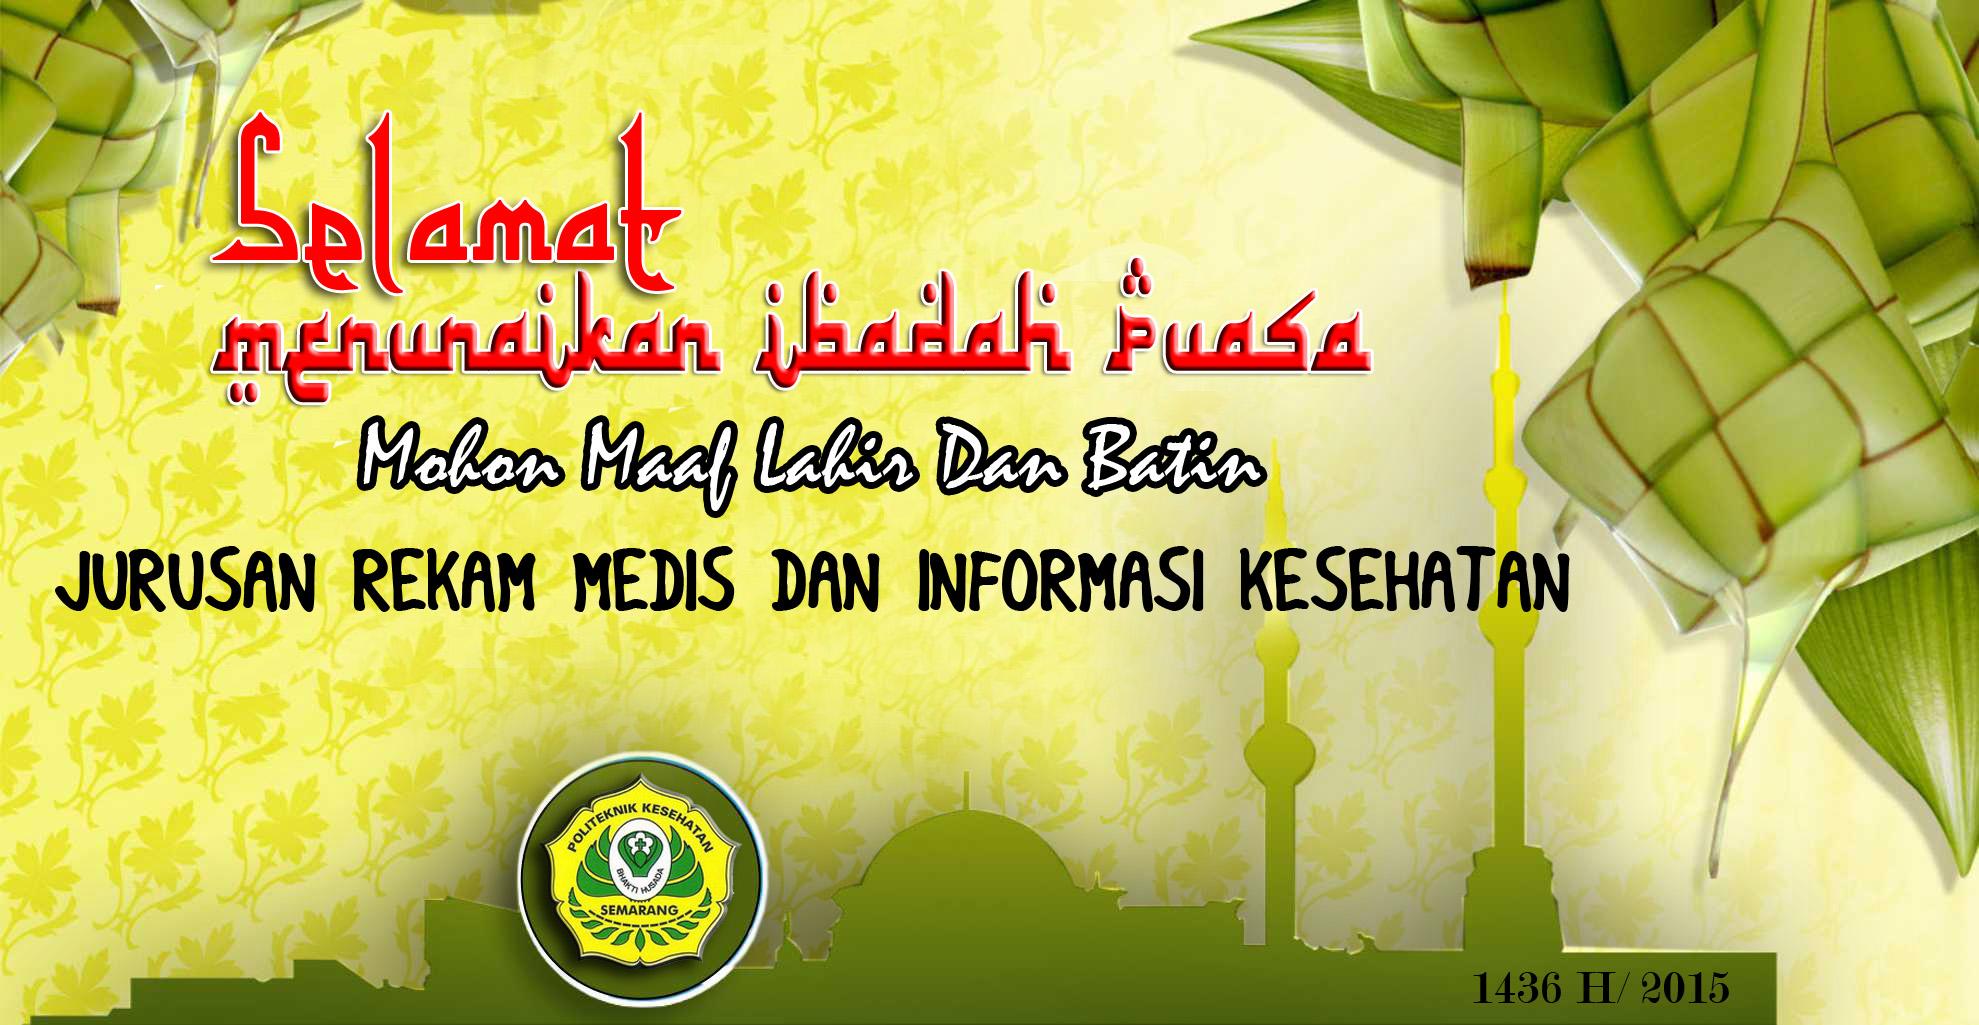 Puasa Ramadhan 1436 Hirjriah